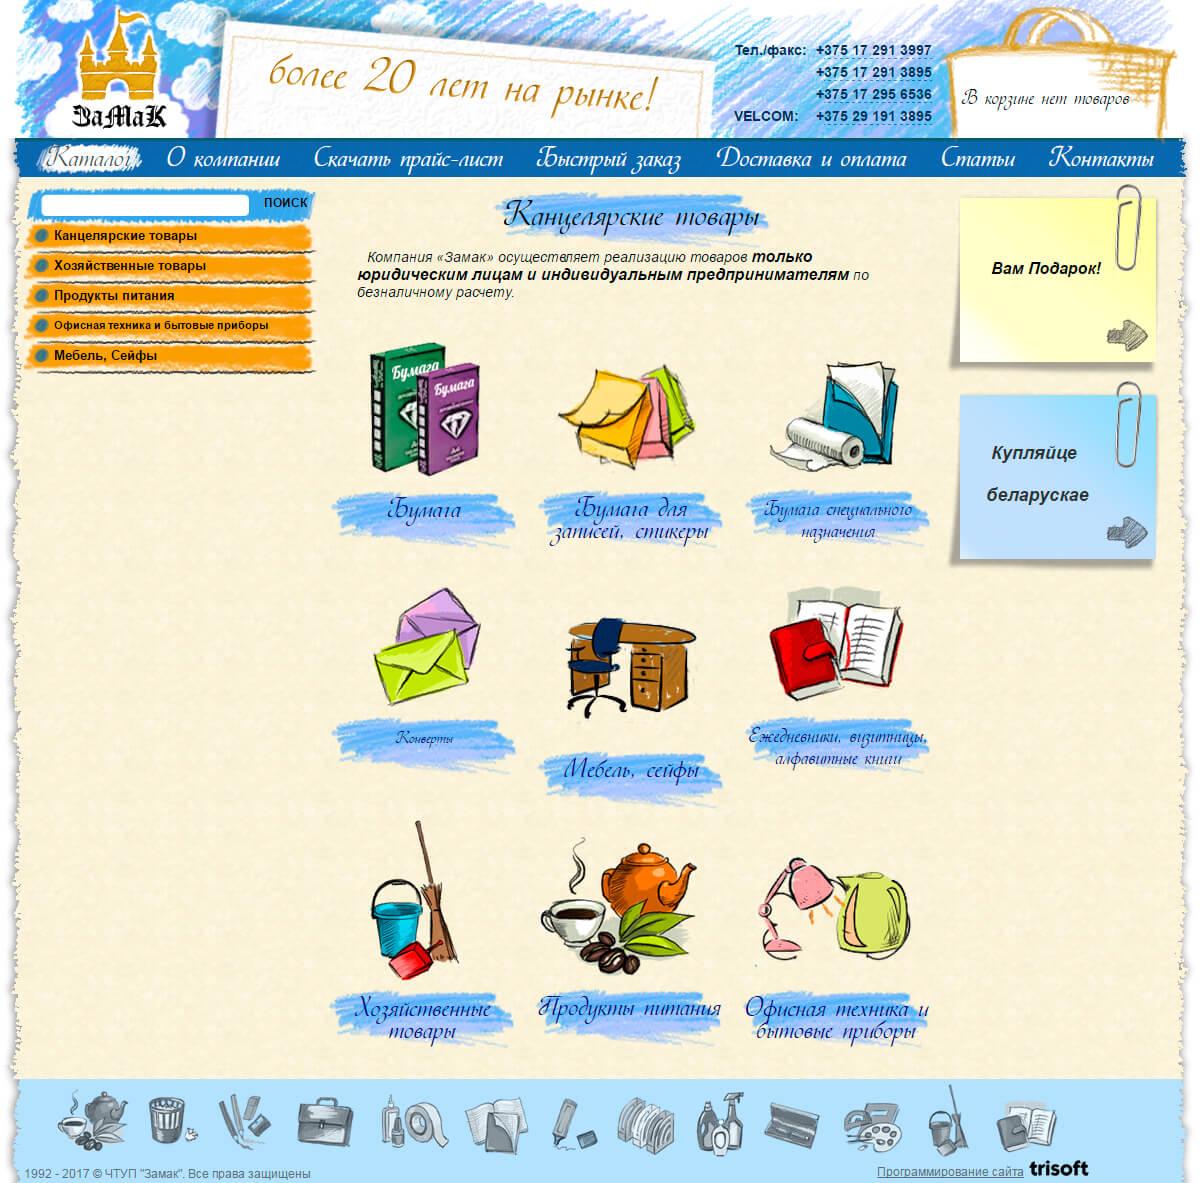 Программирование интернет-магазина канцелярских товаров «ЗАМАК»